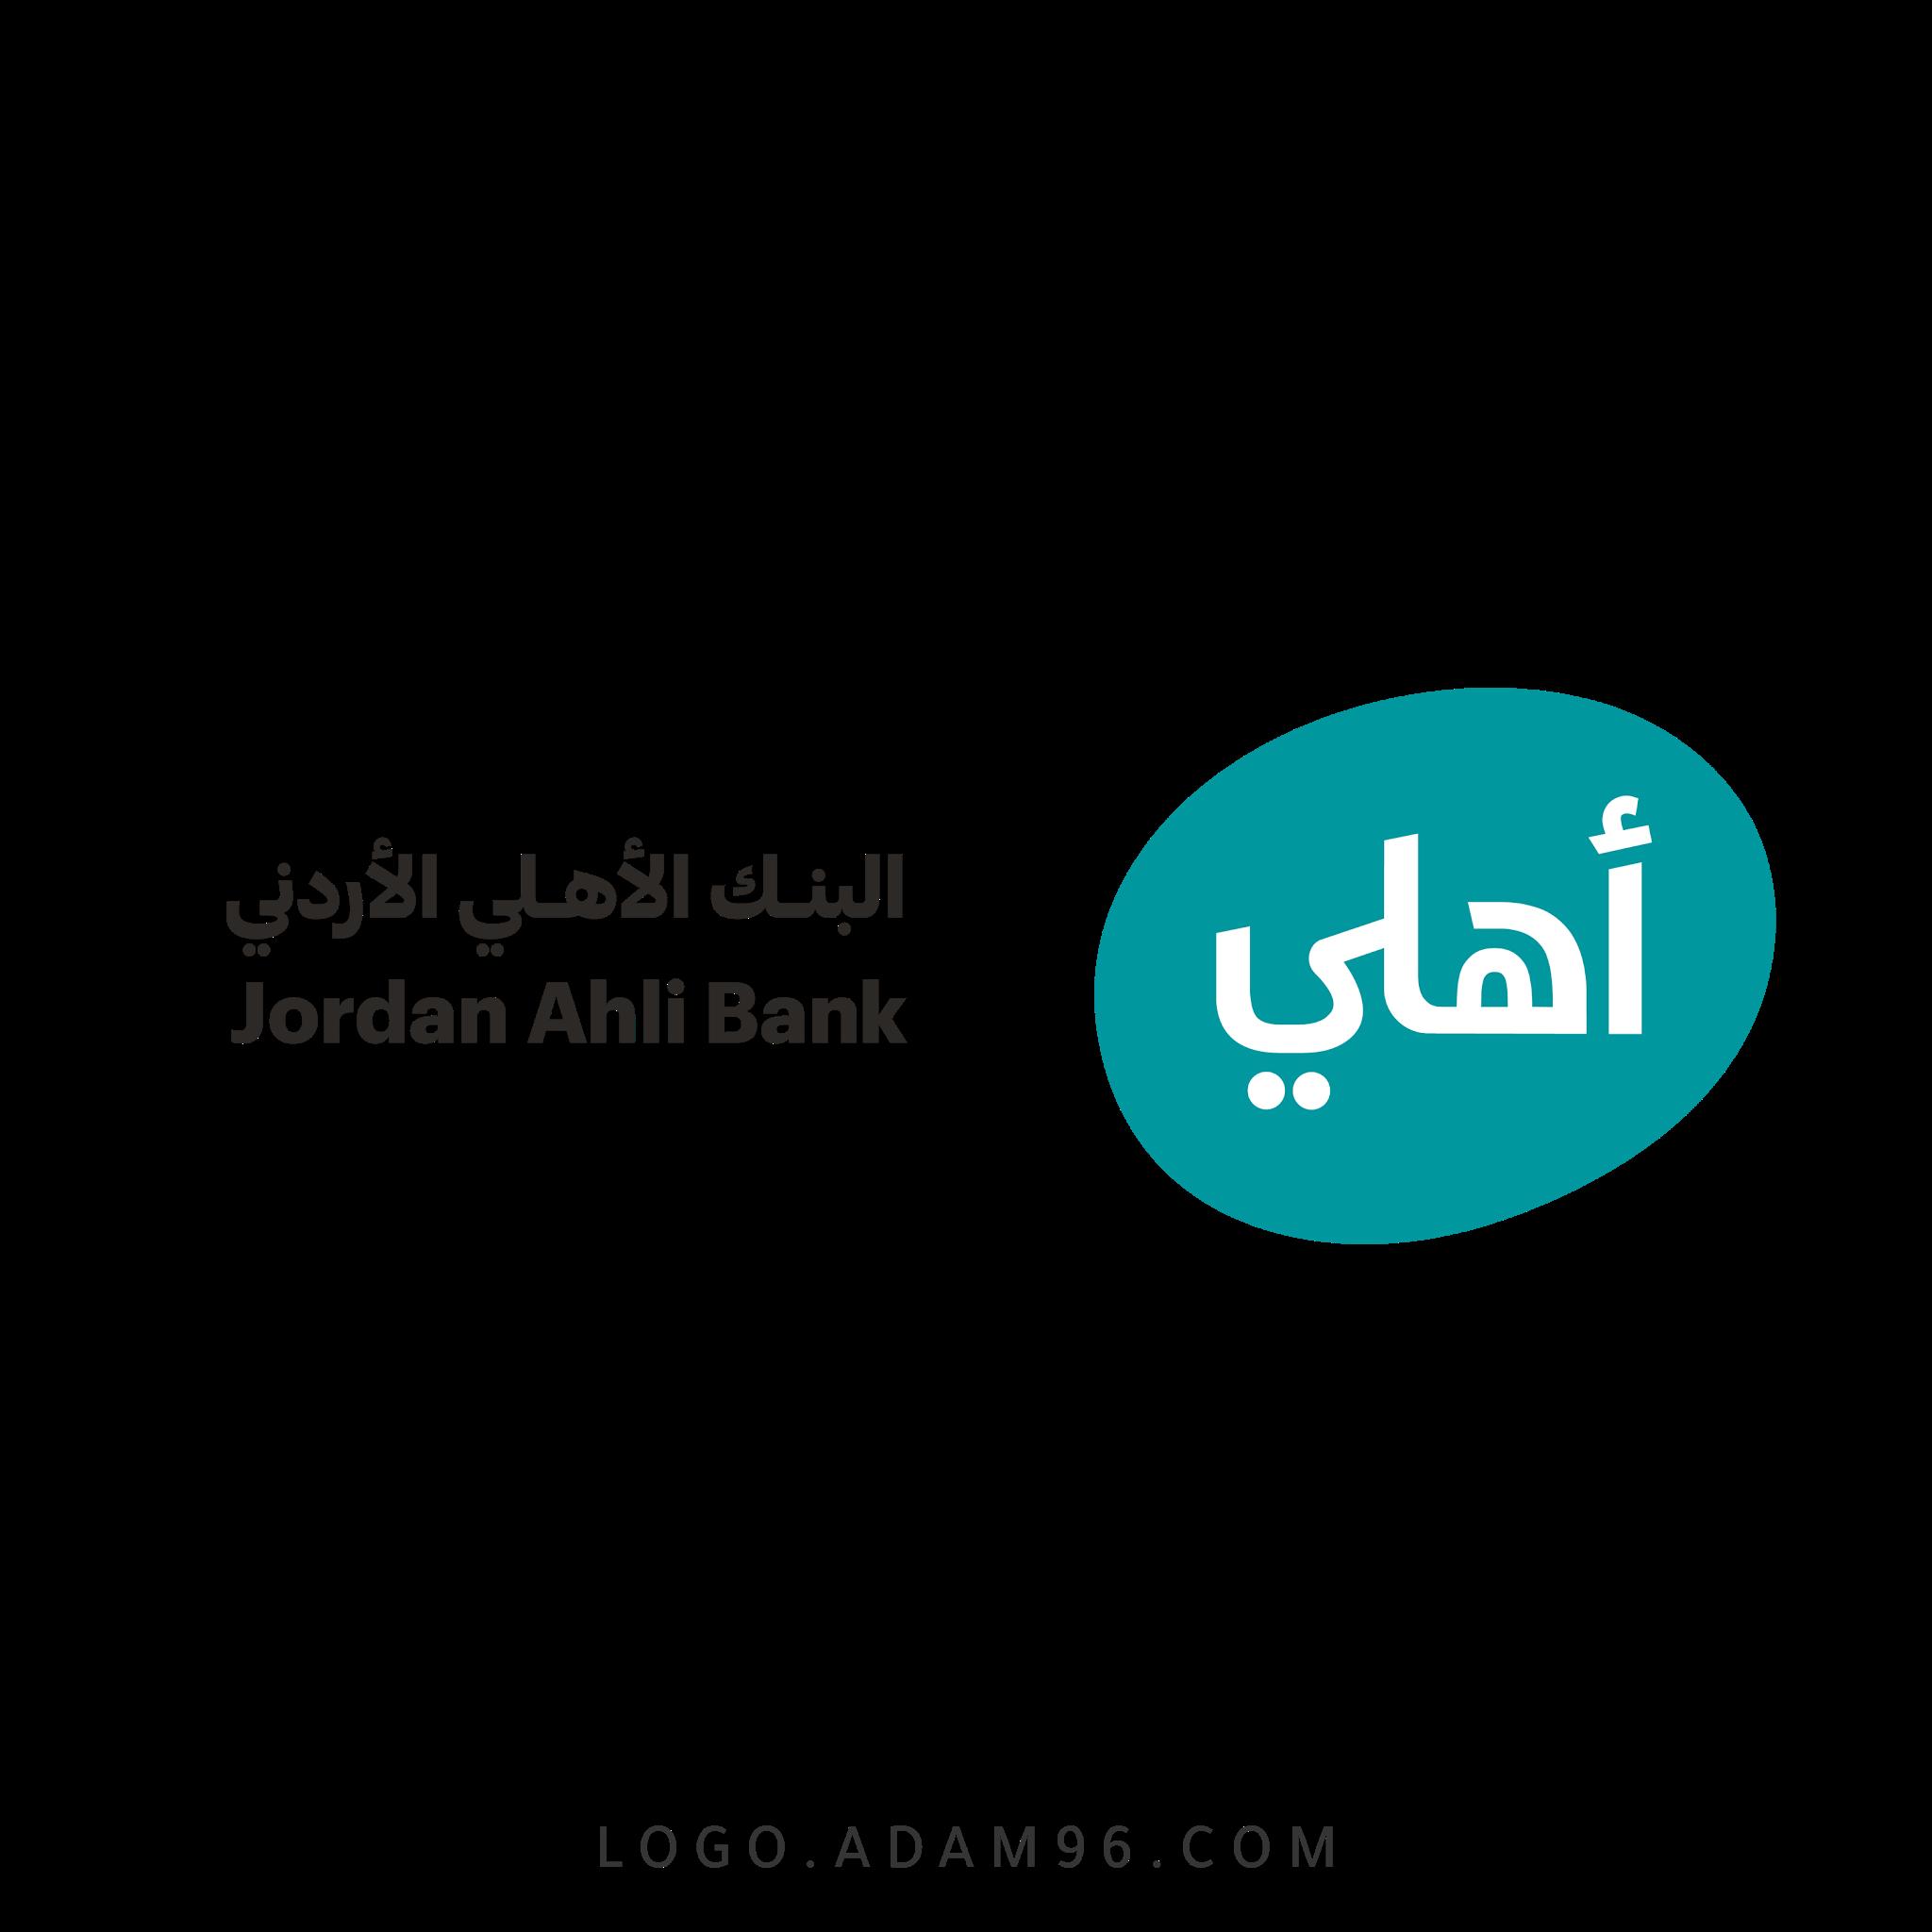 تحميل شعار البنك الاهلي الاردني الرسمي عالي الجودة بصيغة PNG